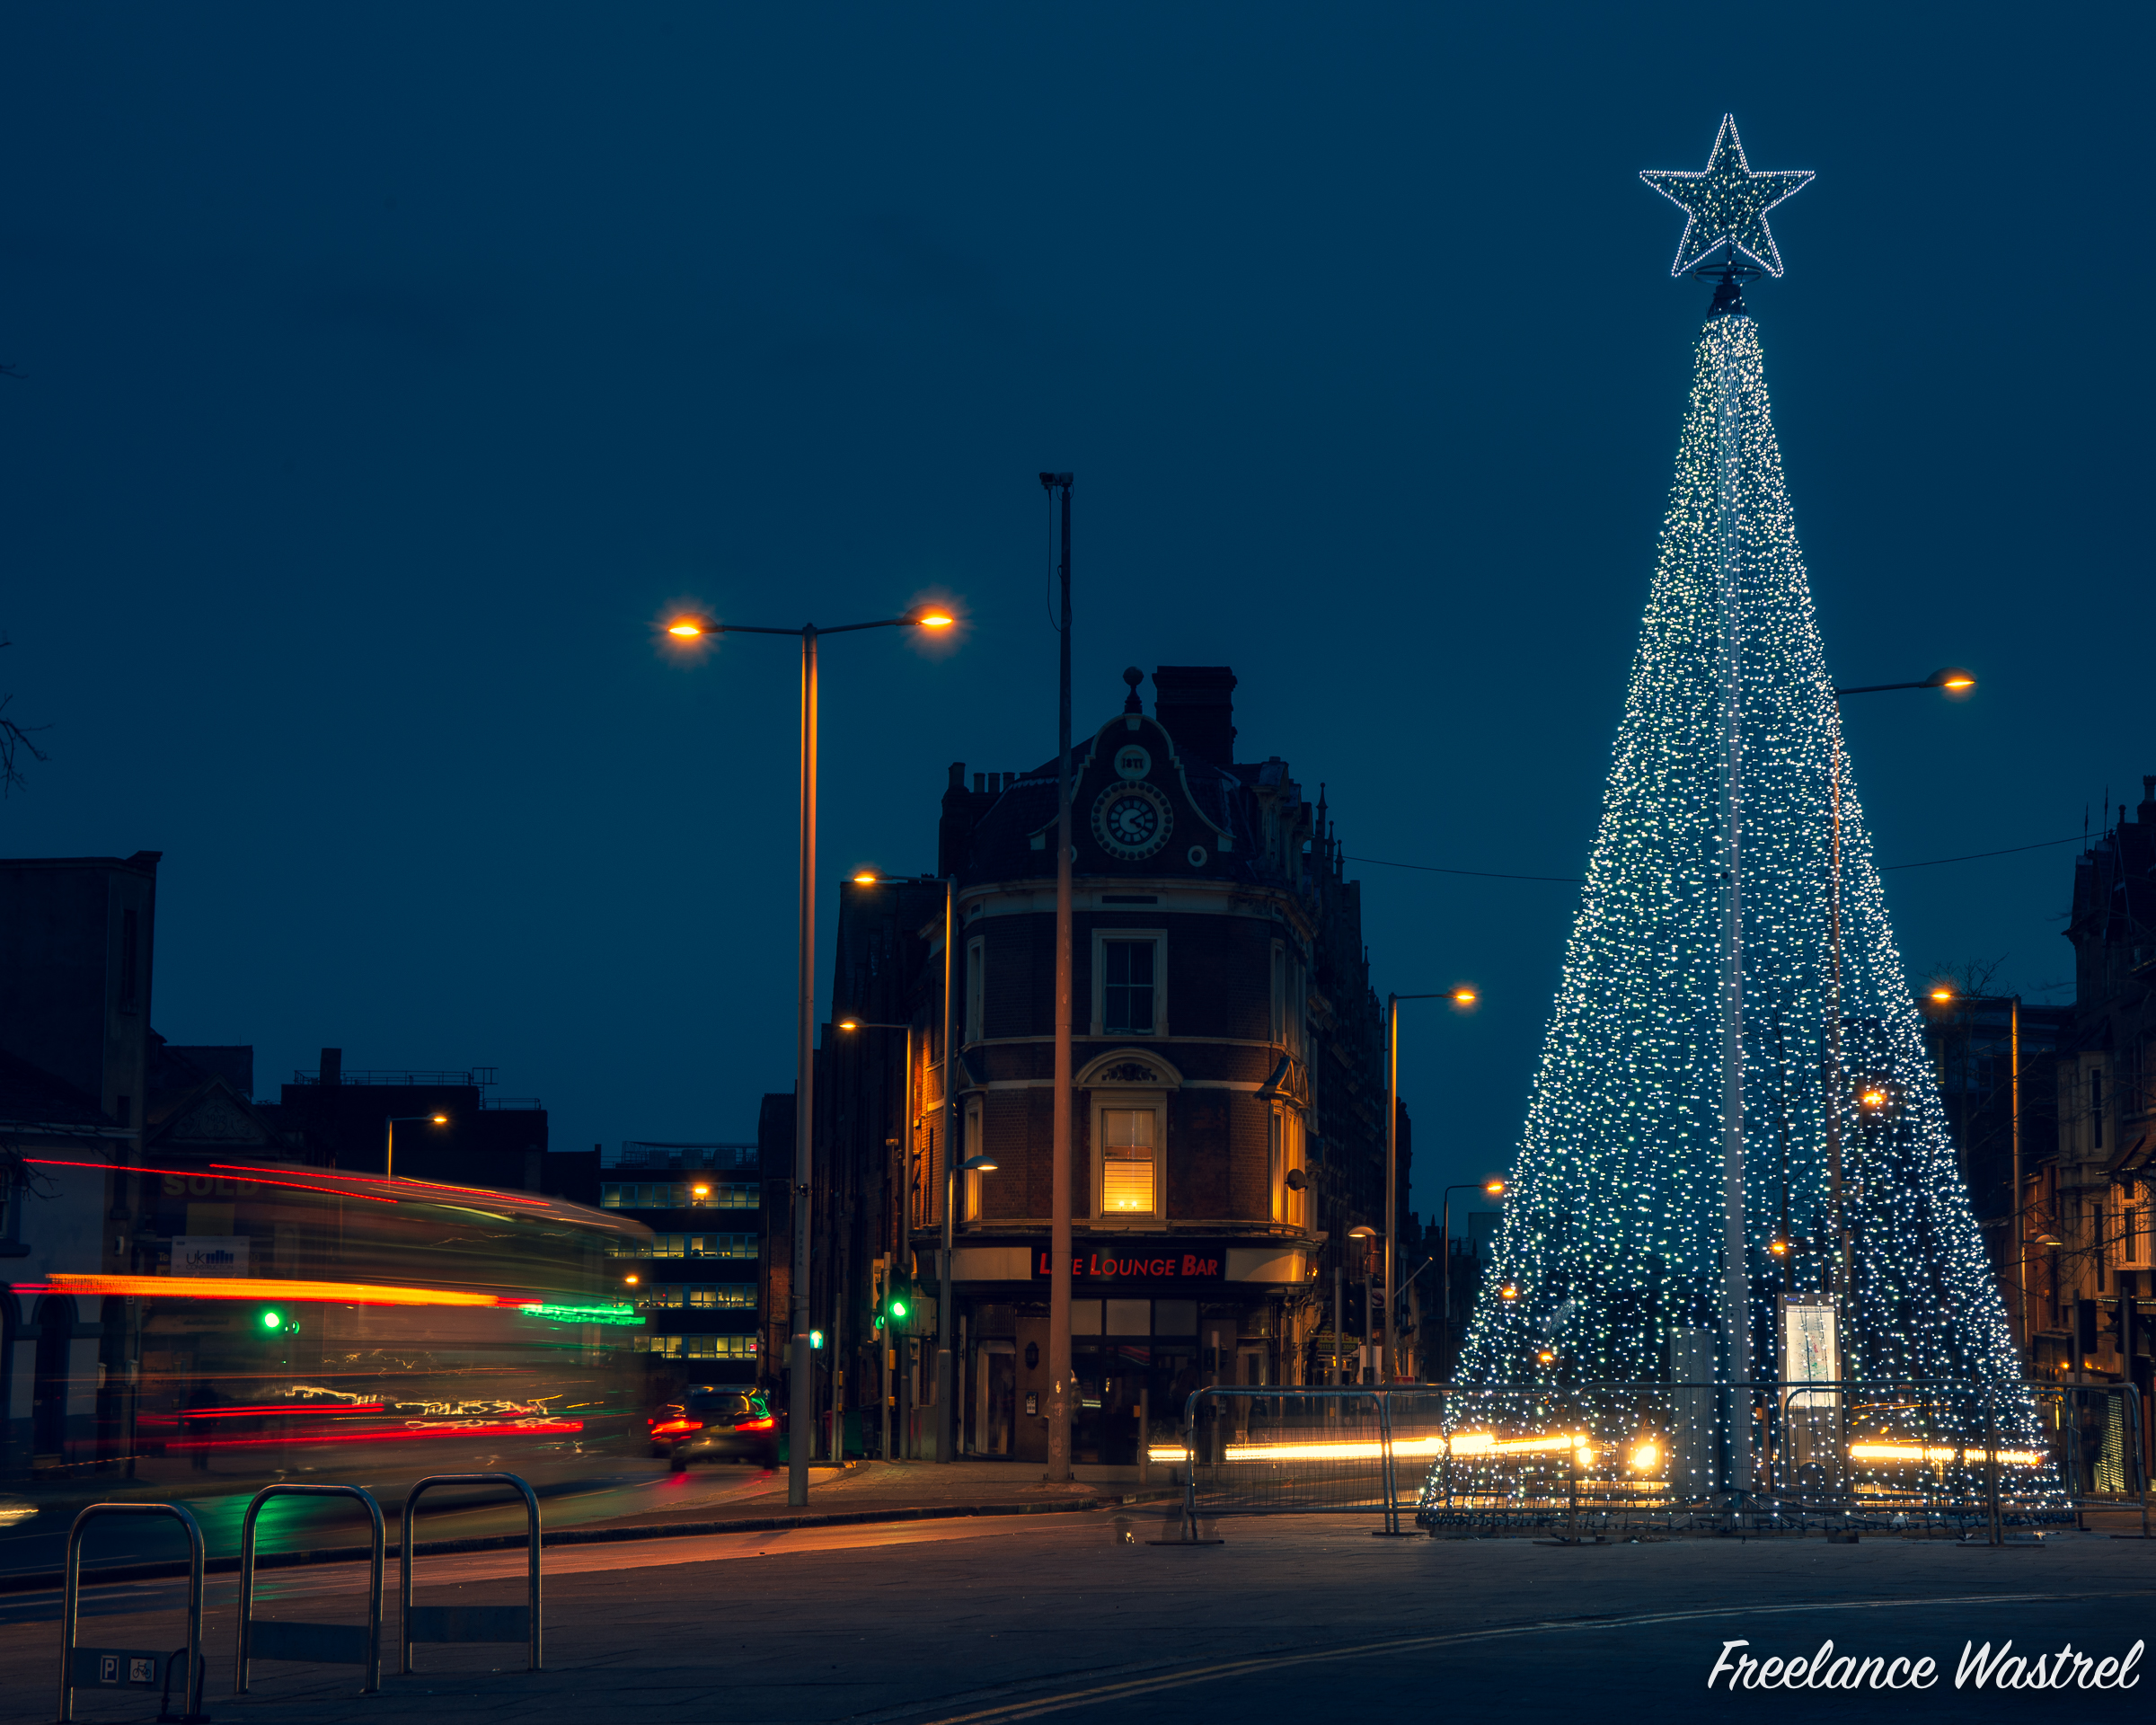 Canning Circus Christmas Tree